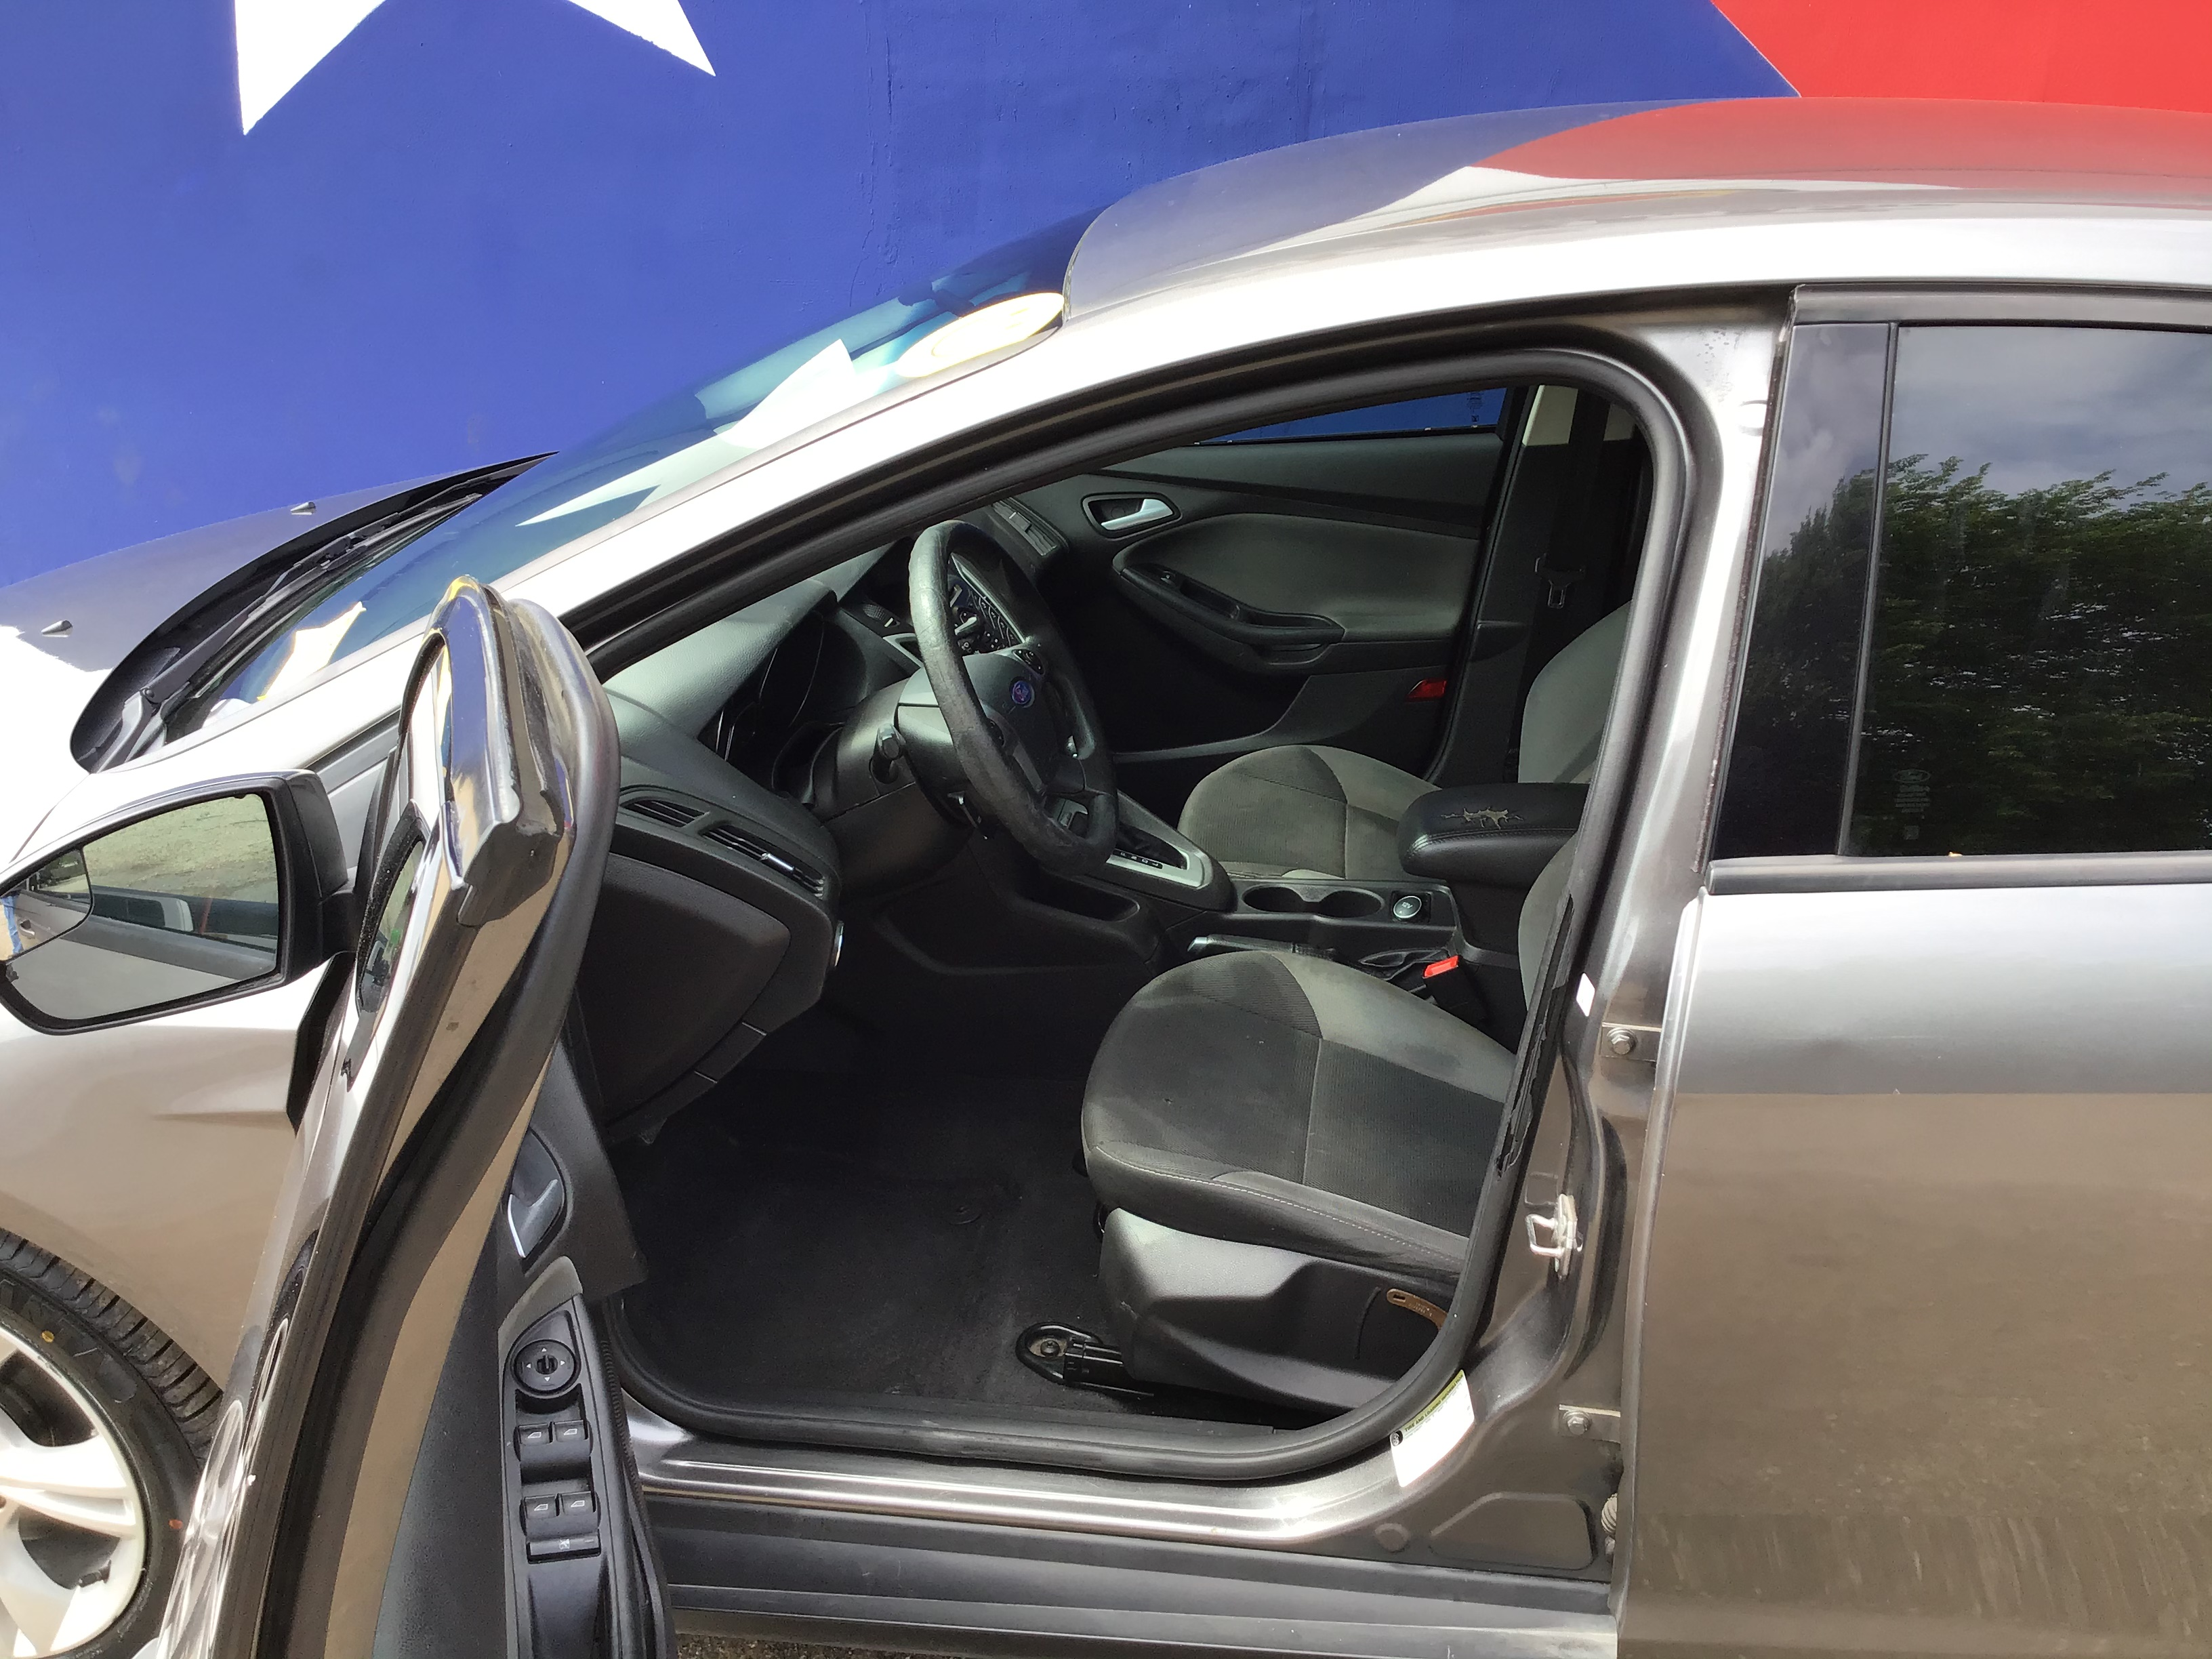 used vehicle - Sedan FORD FOCUS 2014